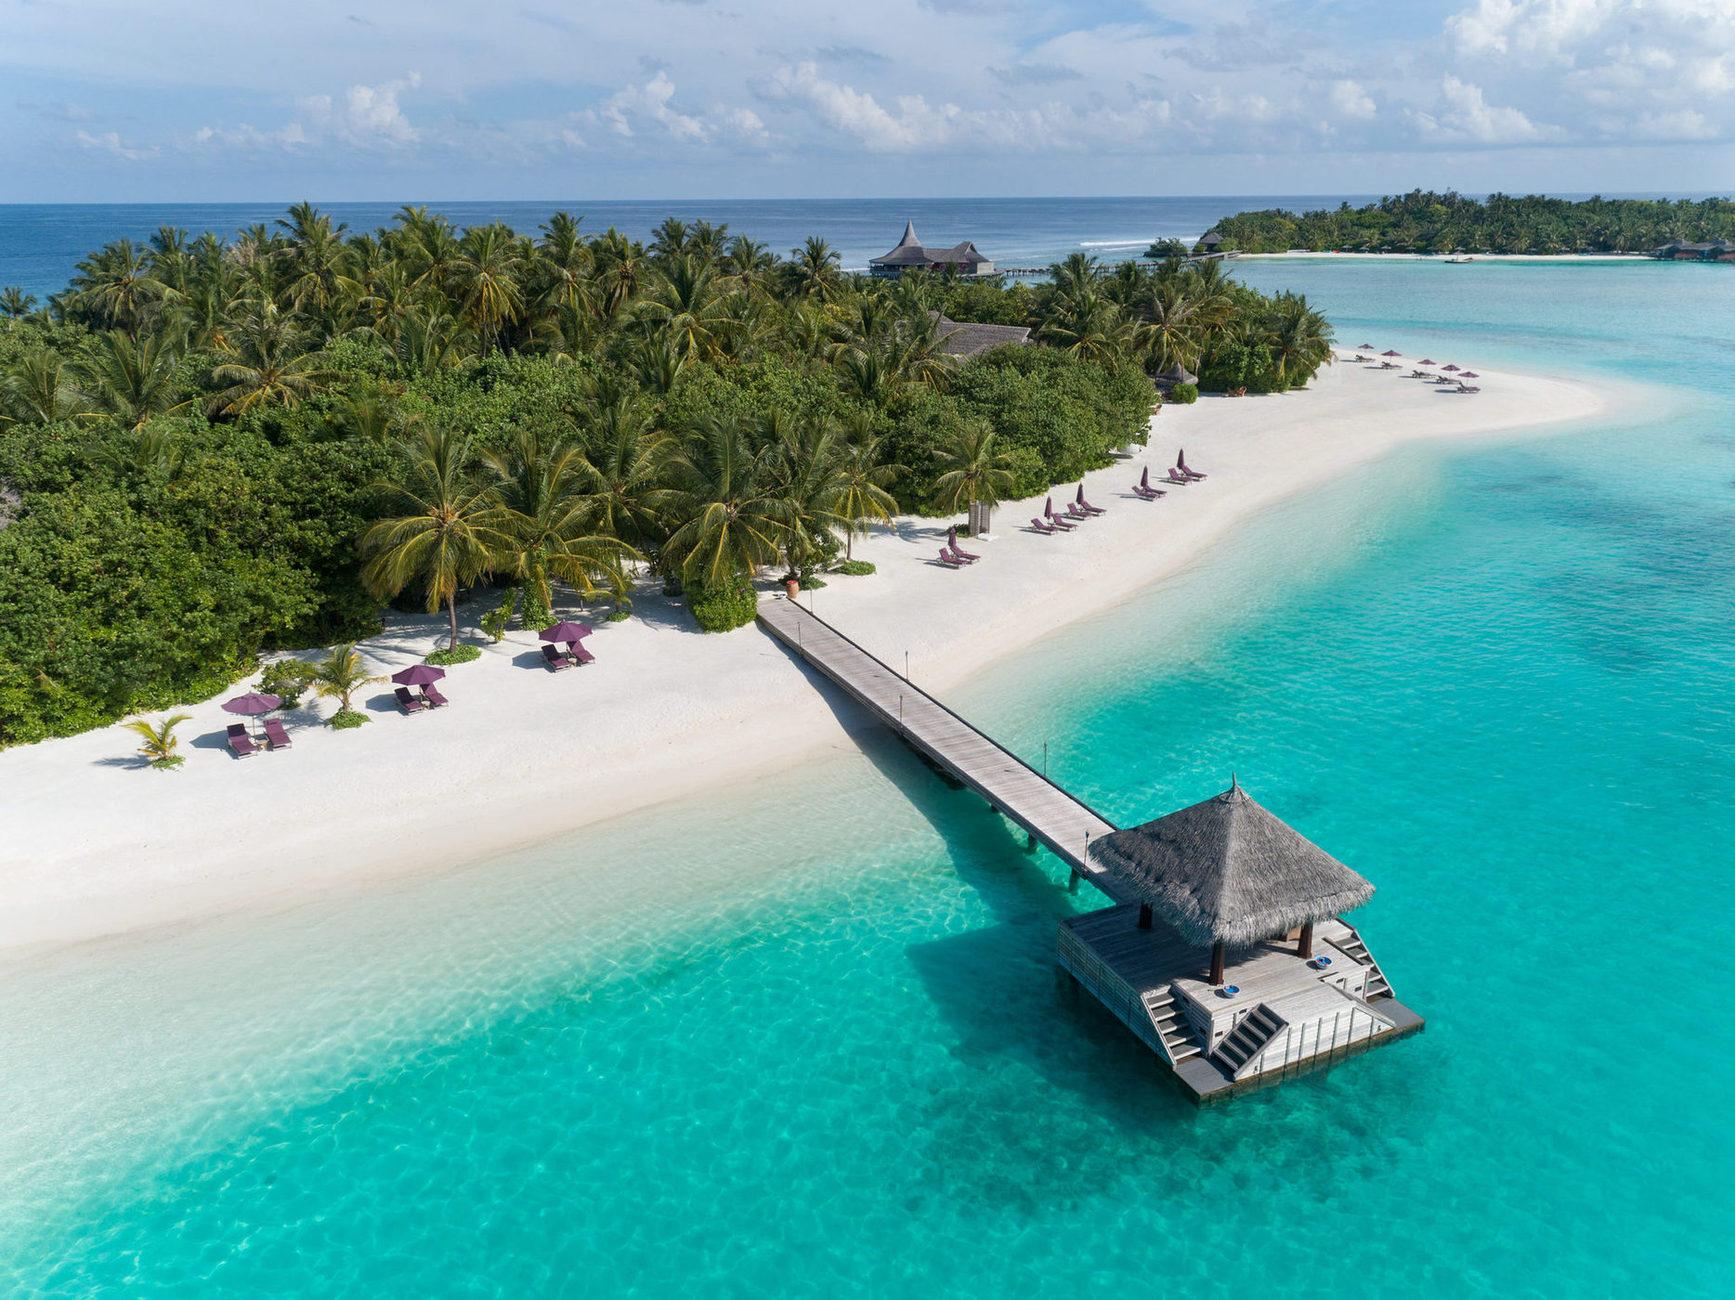 Готель являю собою мініатюрний острів-курорт, який входить до мережі  Anantara Resorts. Тому ви можете користуватись і інфраструктурою сусідніх курортів - Anantra Veli і Anantra Dighu, між якими безкоштовно курсують човни.